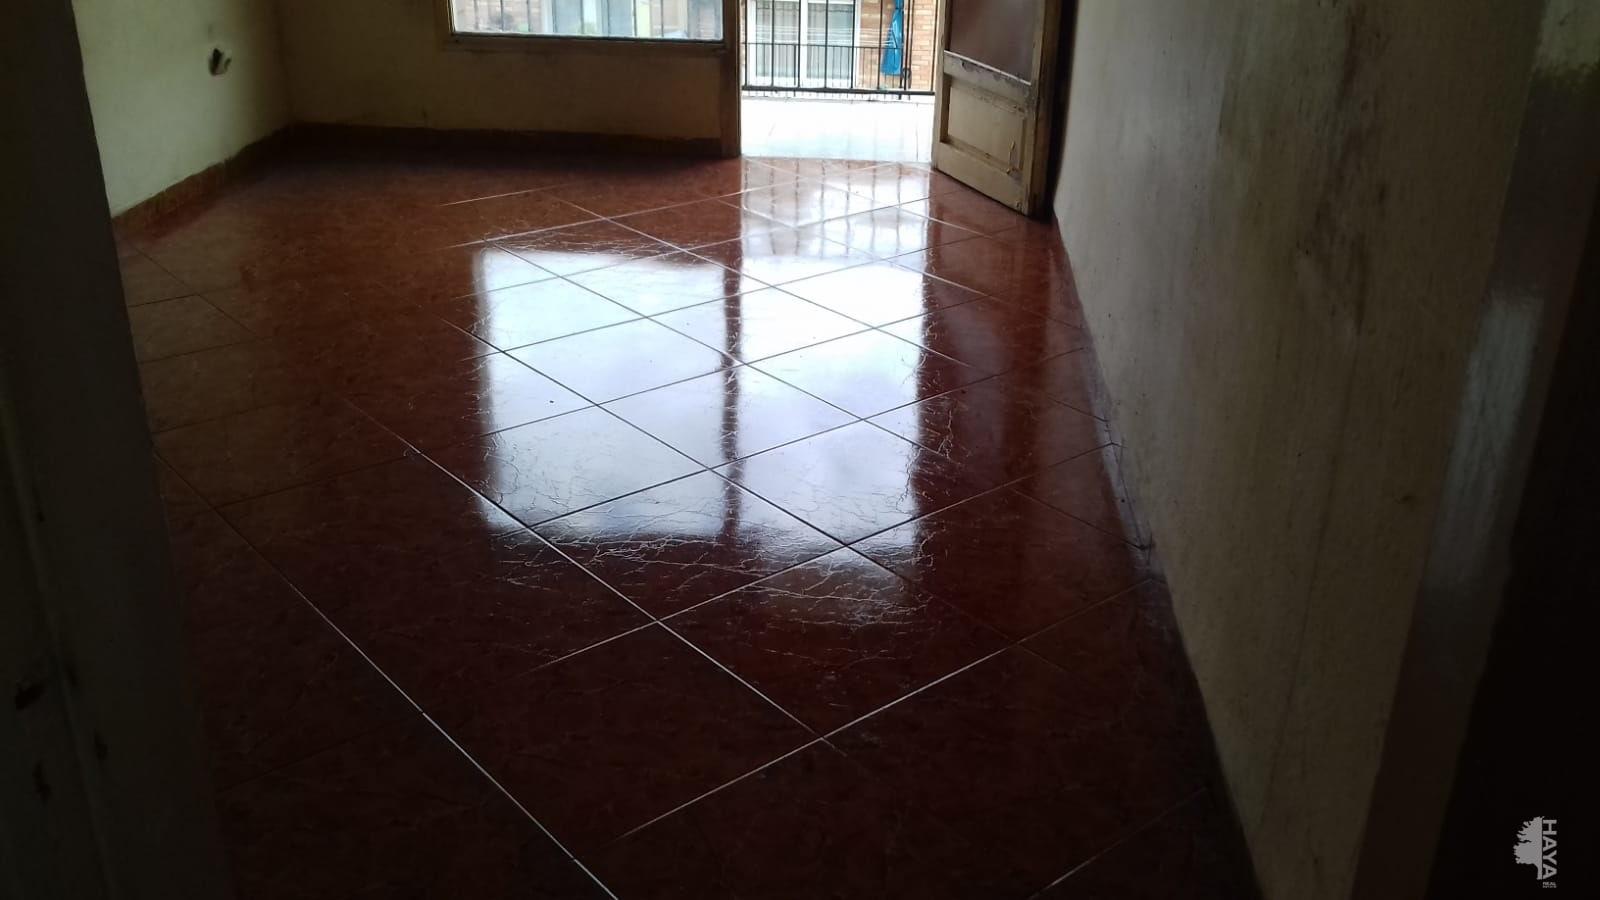 Piso en venta en Salt, Girona, Calle Montseny, 56.059 €, 3 habitaciones, 1 baño, 76 m2